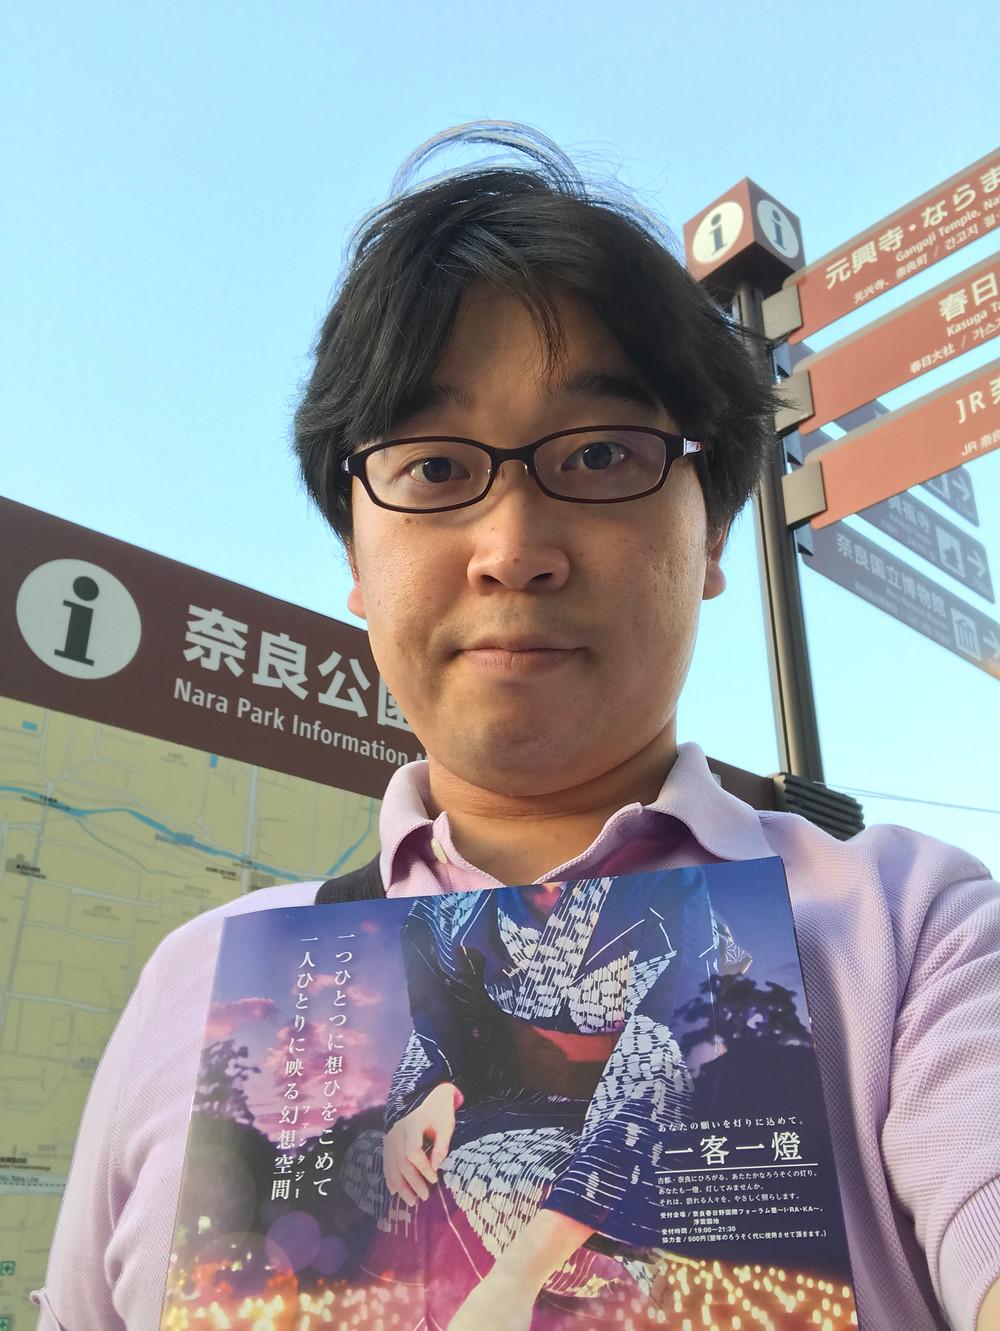 近鉄奈良駅出口にて